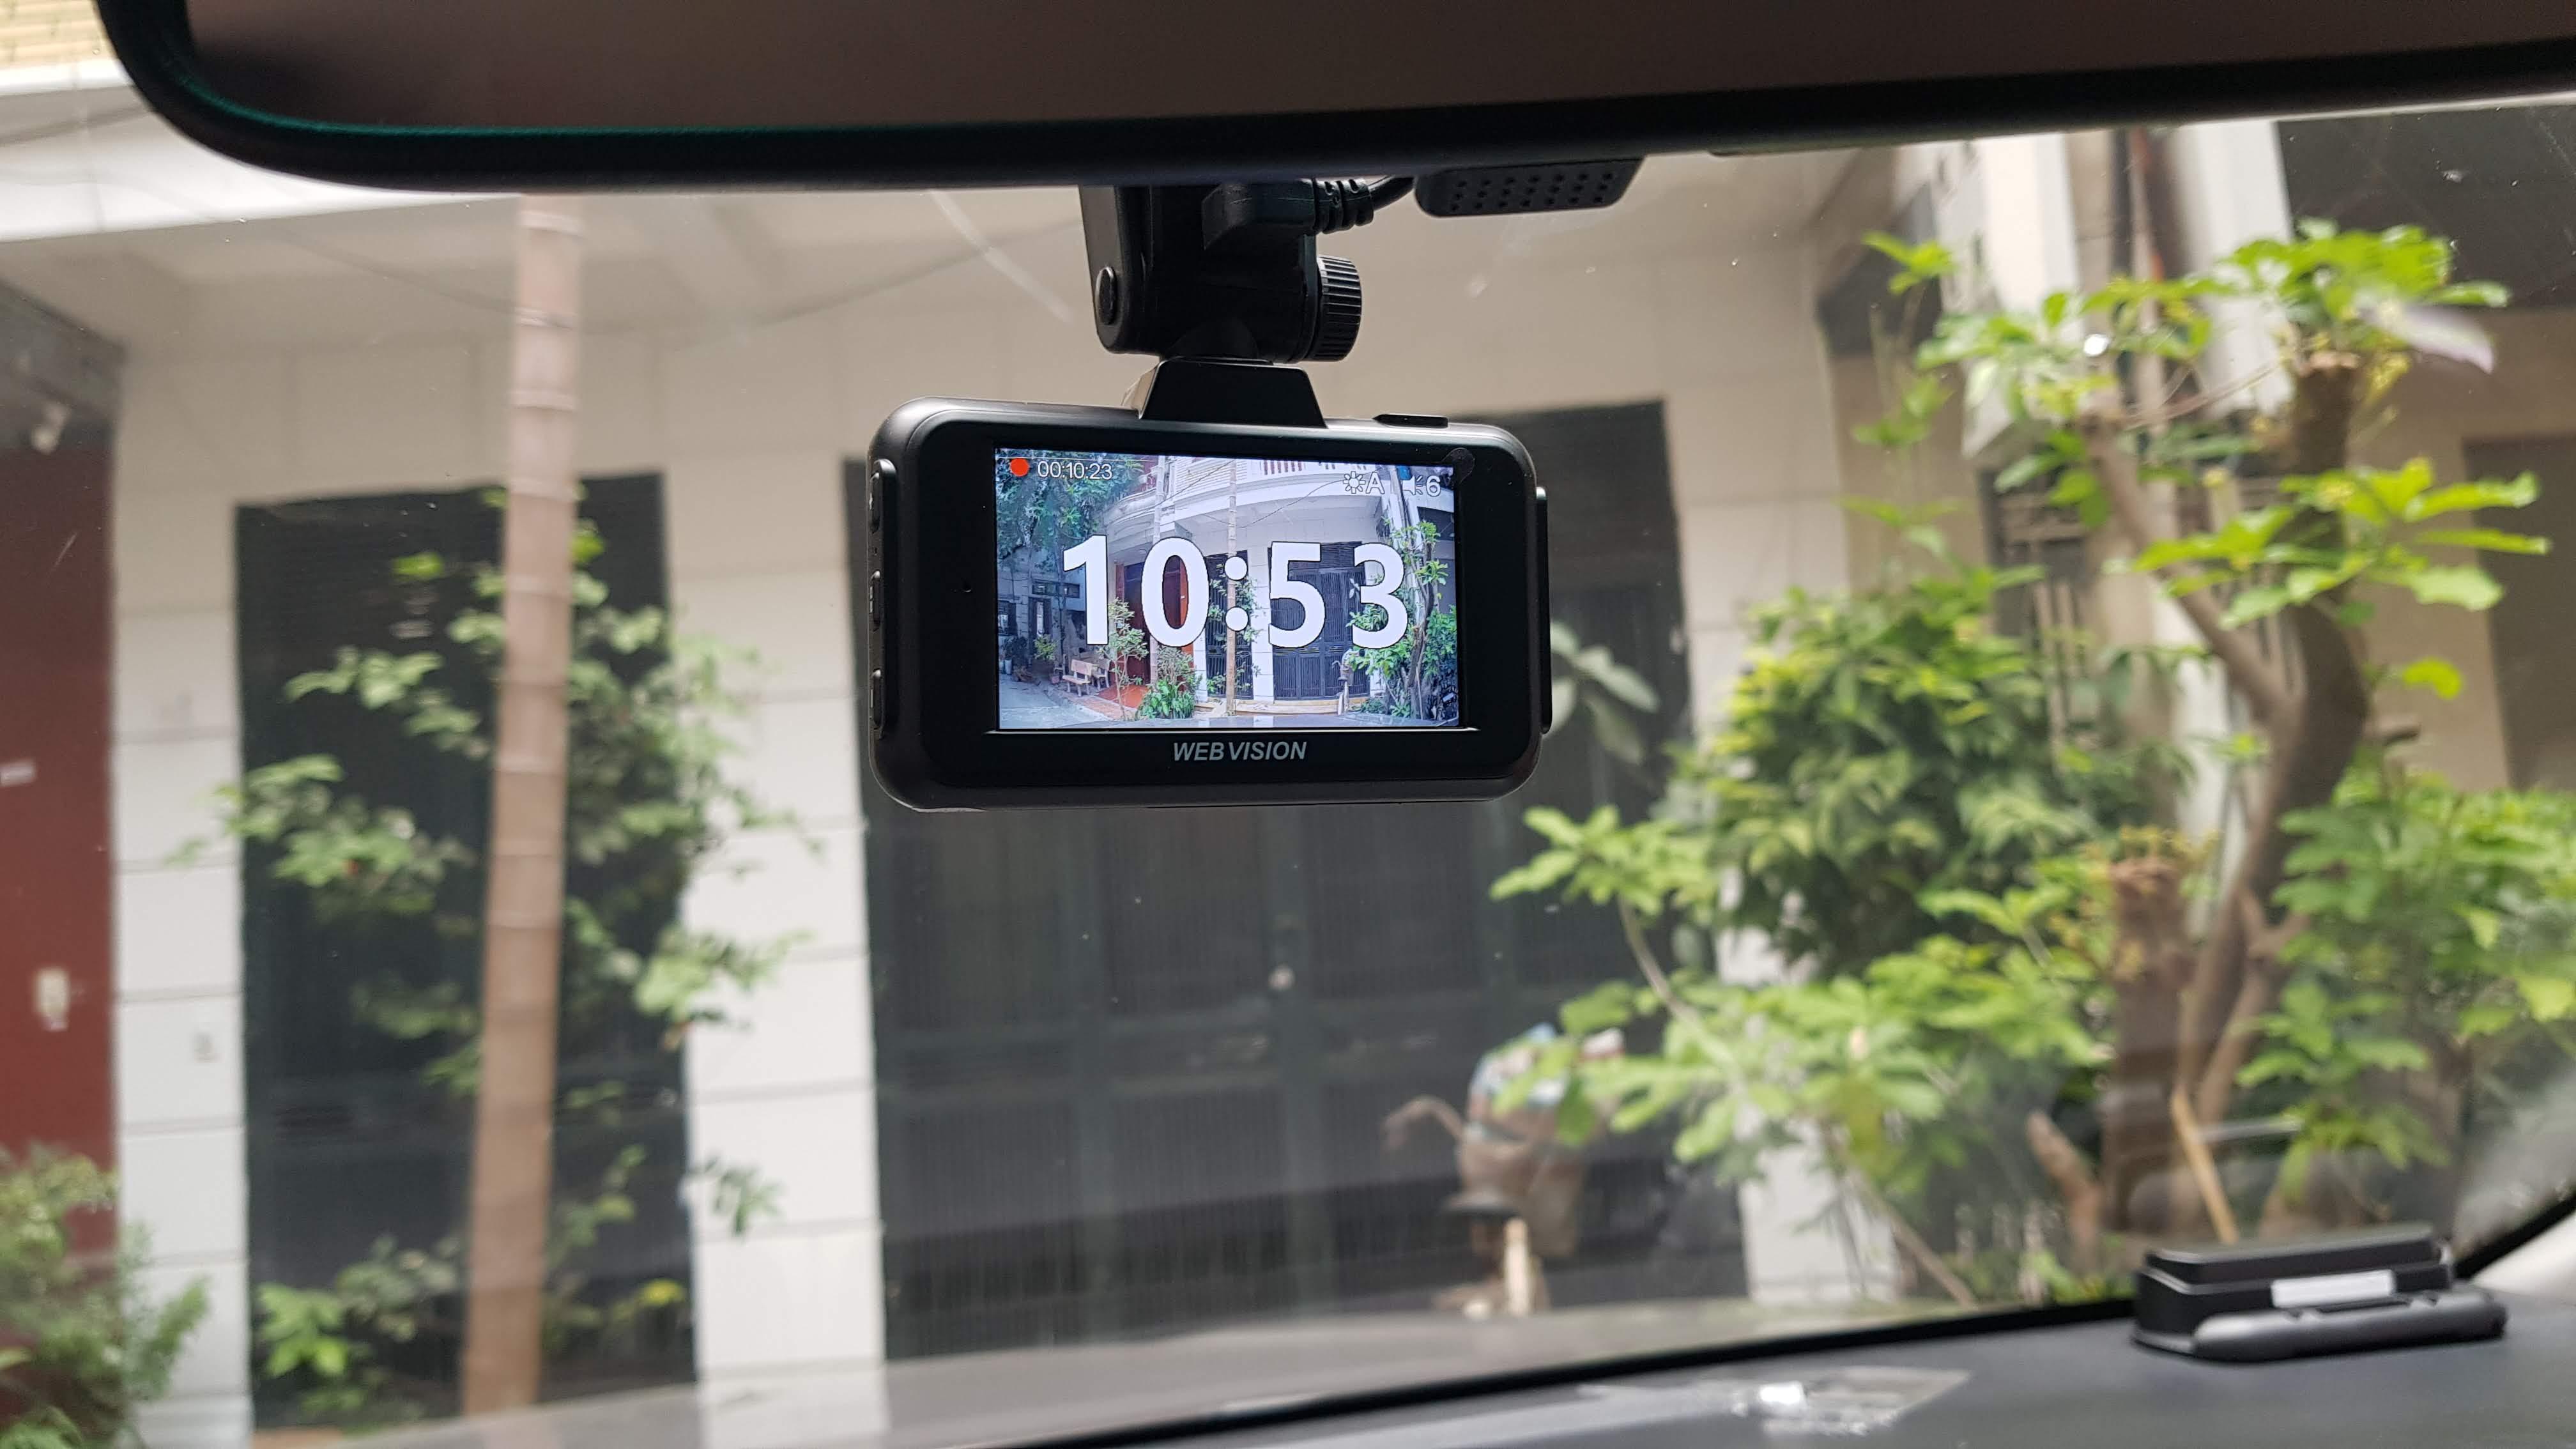 Camera Hành Trình Webvision A28 - Cảnh Báo Giao Thông - Ghi Hình 4K-113